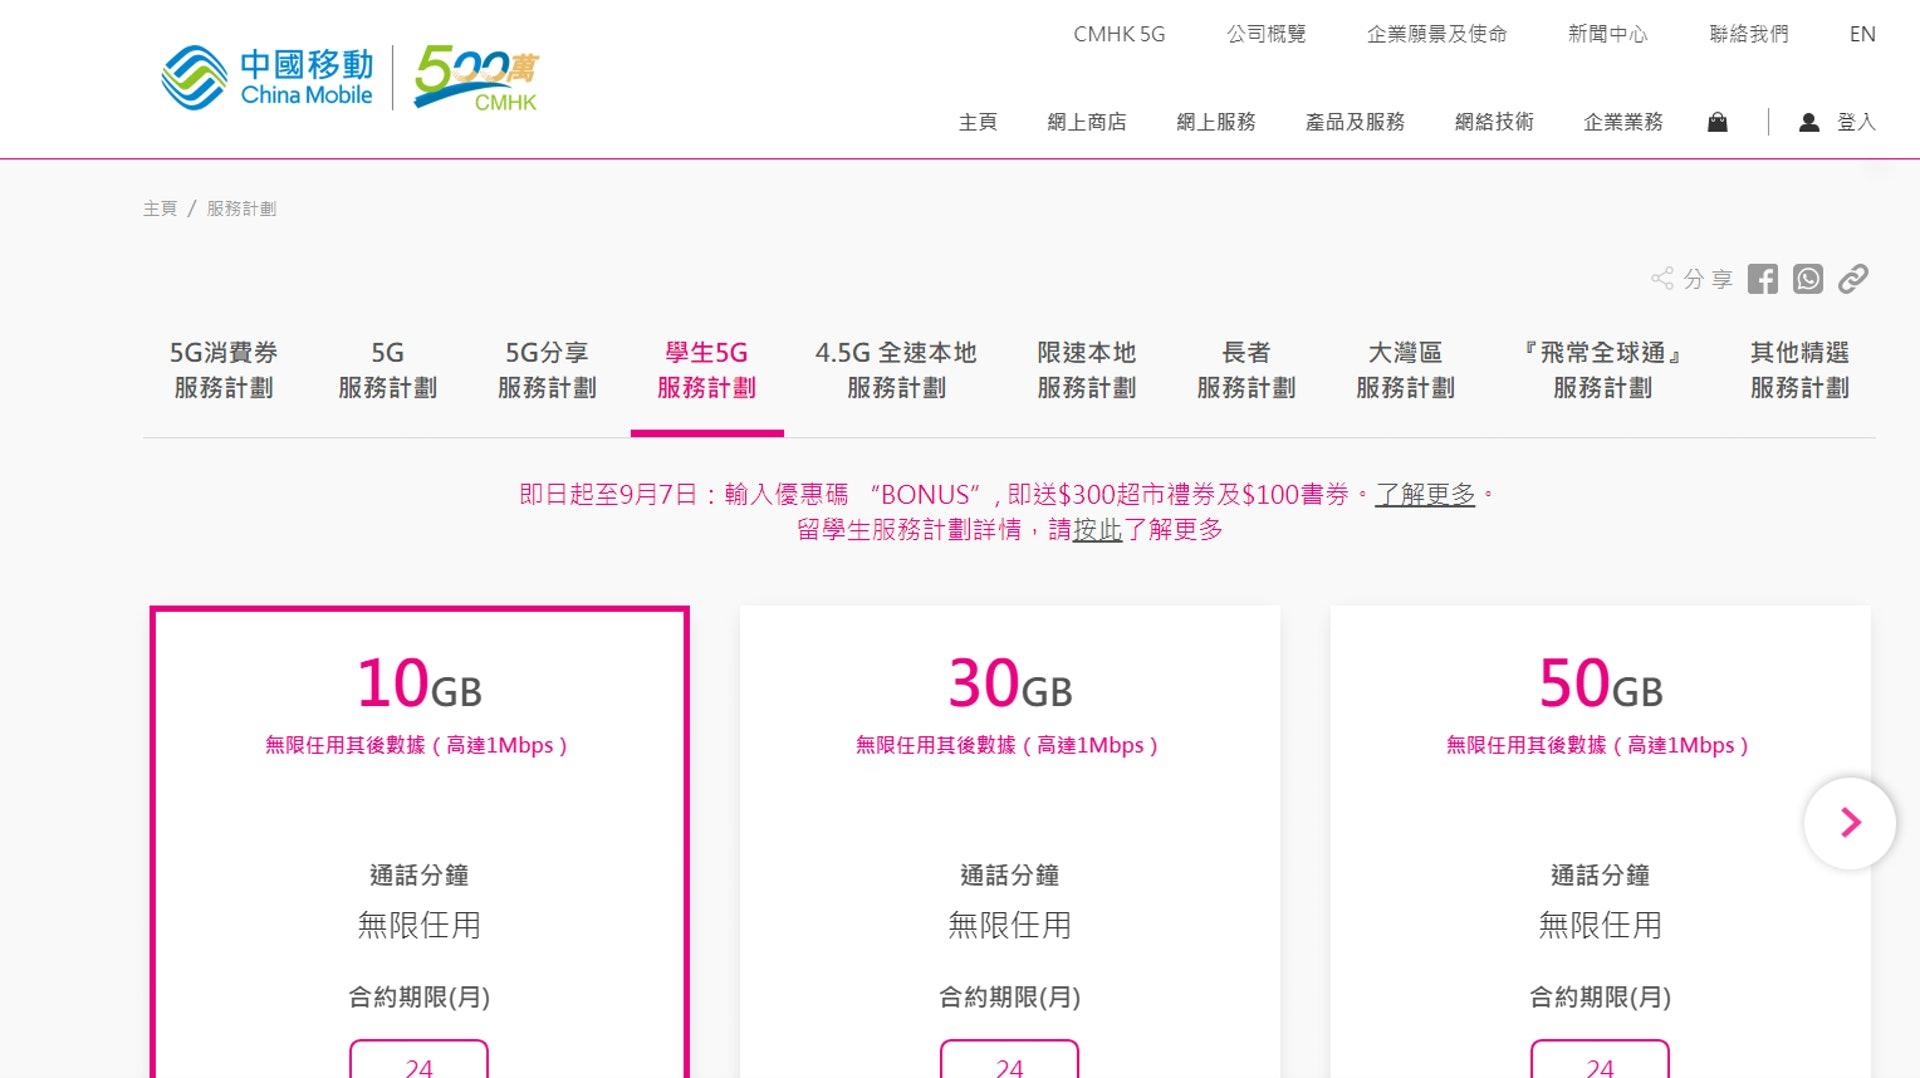 中國移動的5G學生服務(中國移動網頁截圖)